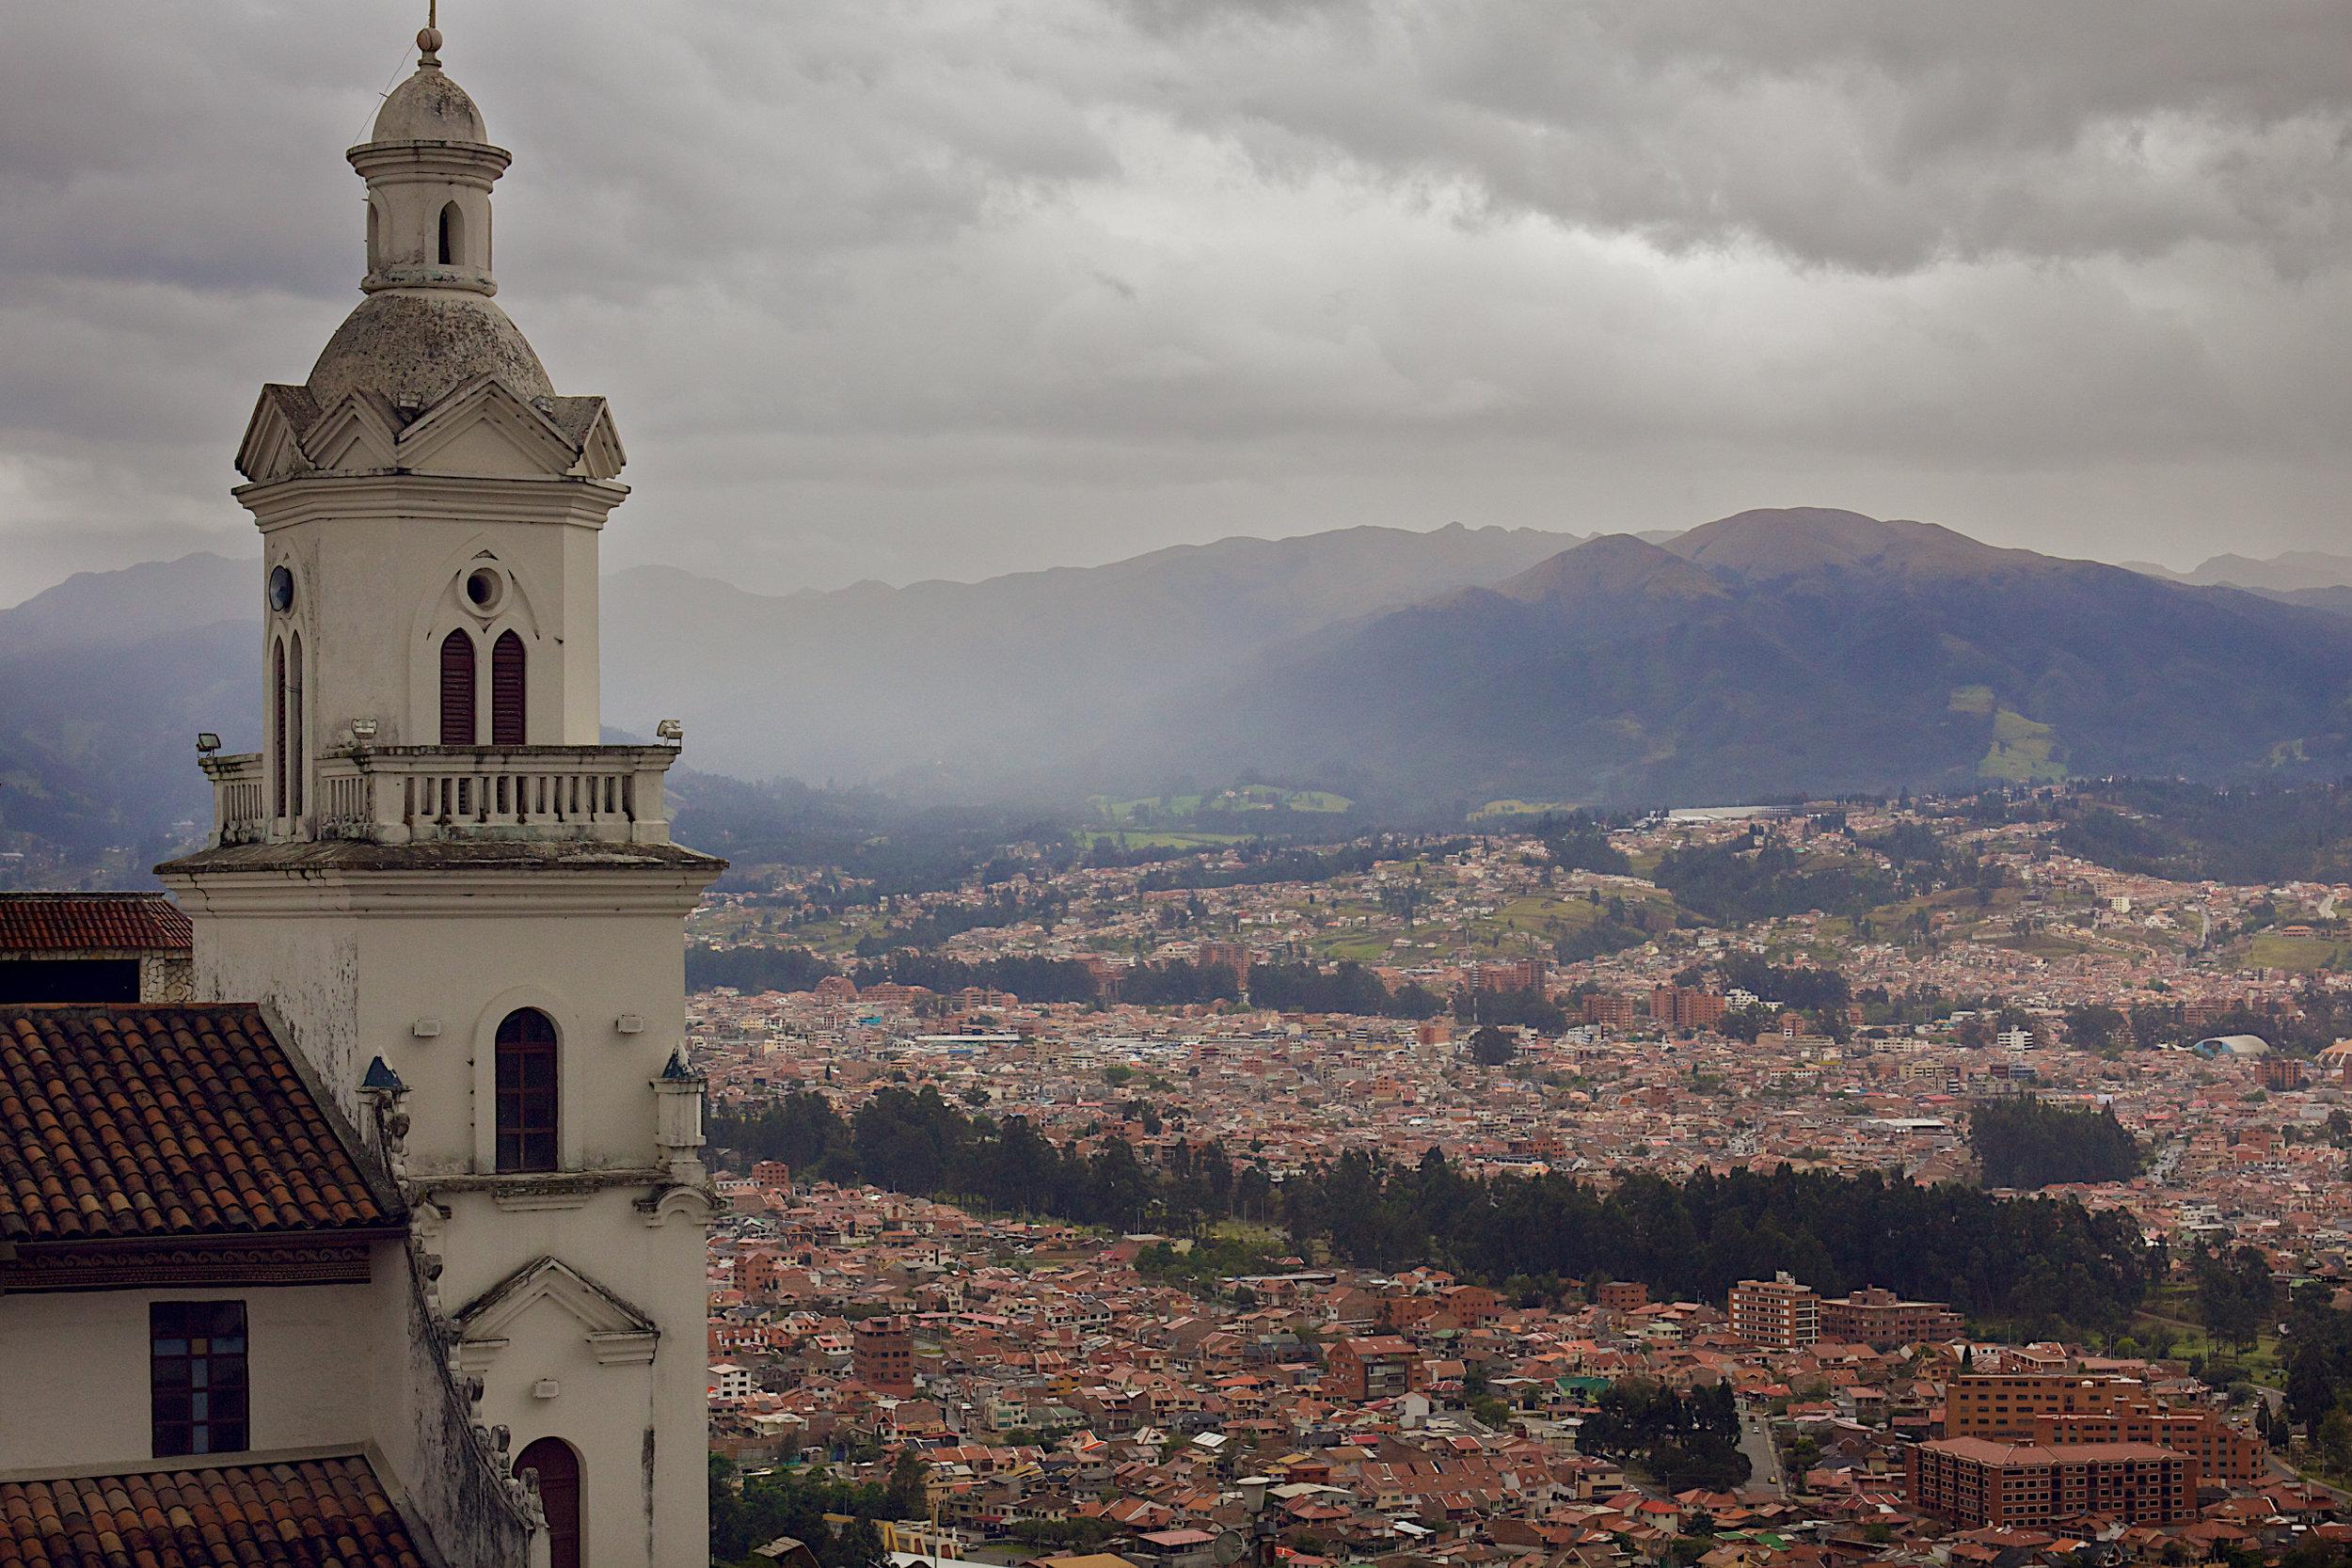 096-cuenca-town.jpg